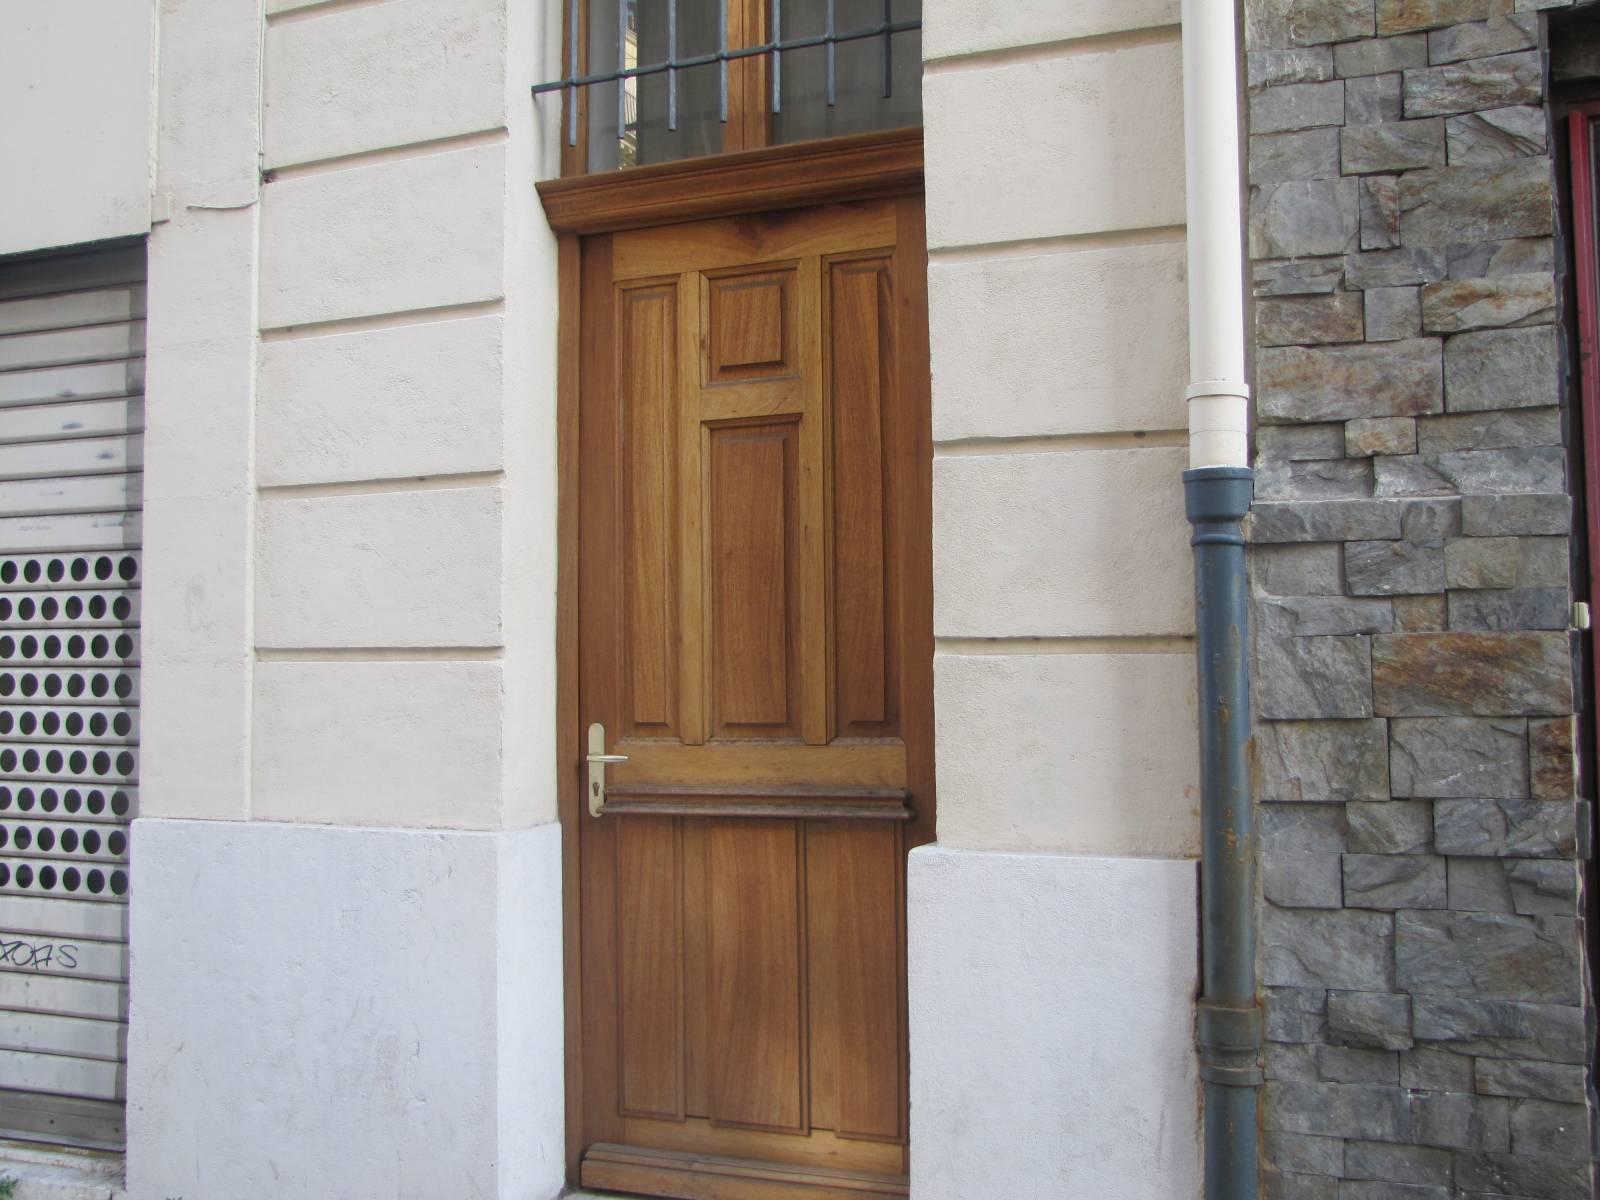 Porte D Entrée En Bois Massif Prix réalisation d'une porte d'entrée en bois massif de sapelli à